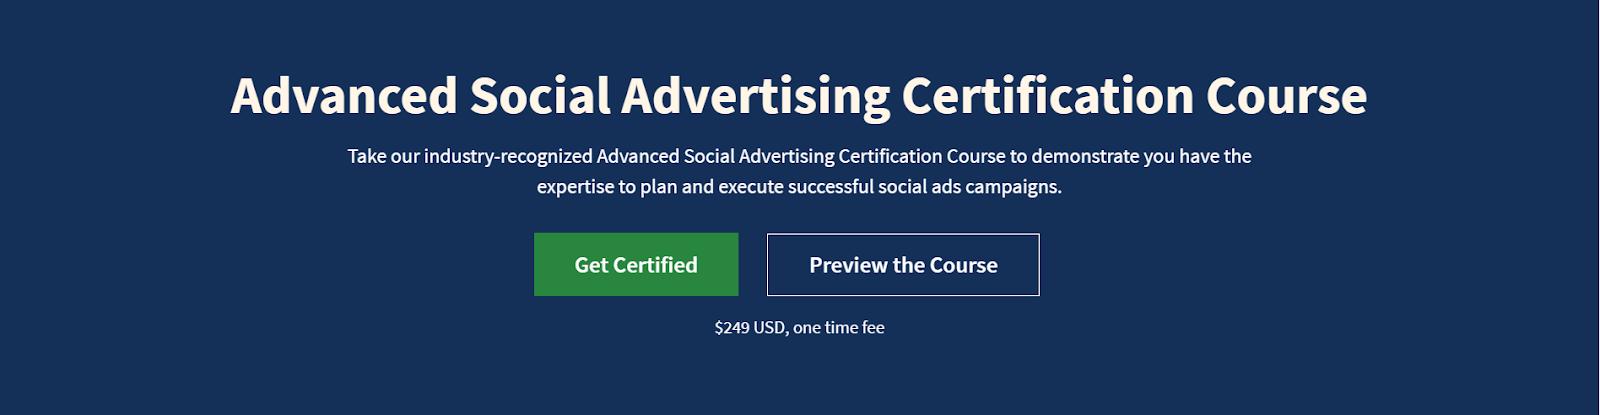 Los mejores cursos de marketing en redes sociales en comparación con Crazy Egg - 1630951193 813 Los mejores cursos de marketing en redes sociales en comparacion